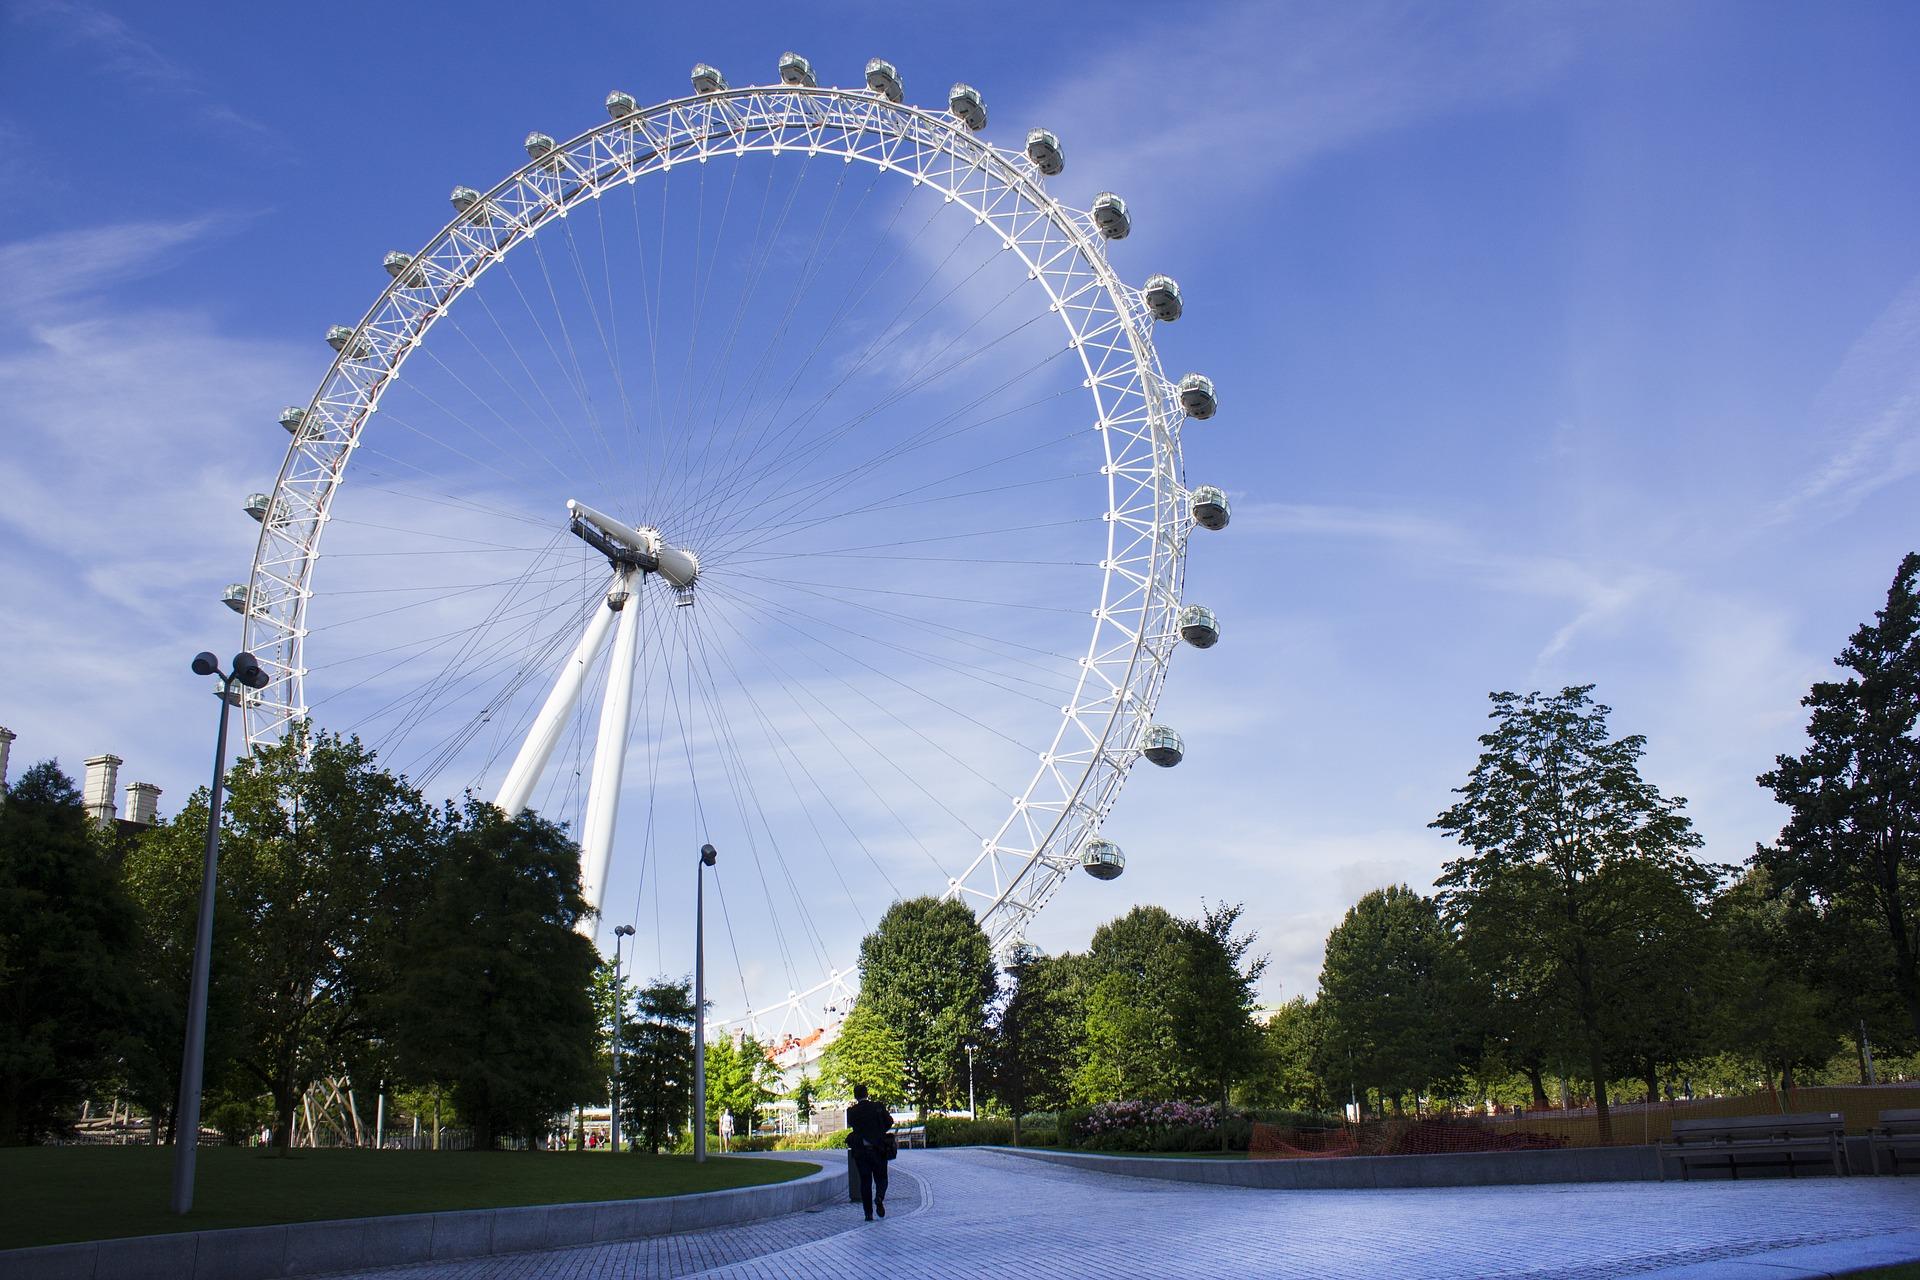 Fakta om London och Storbritannien